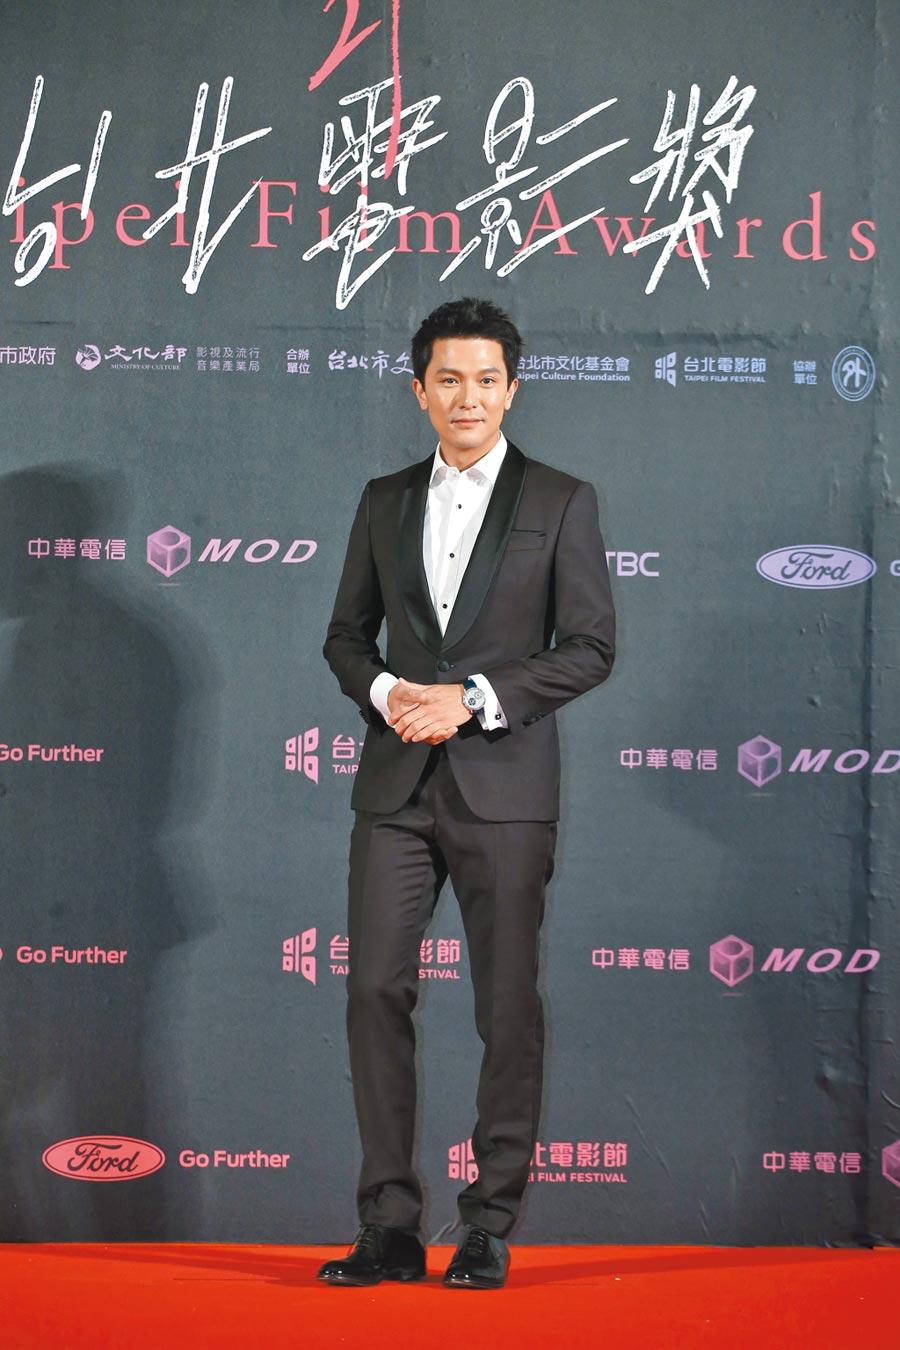 邱澤穿著BOSS西裝搭配伯爵珠寶腕表,瀟灑有型。